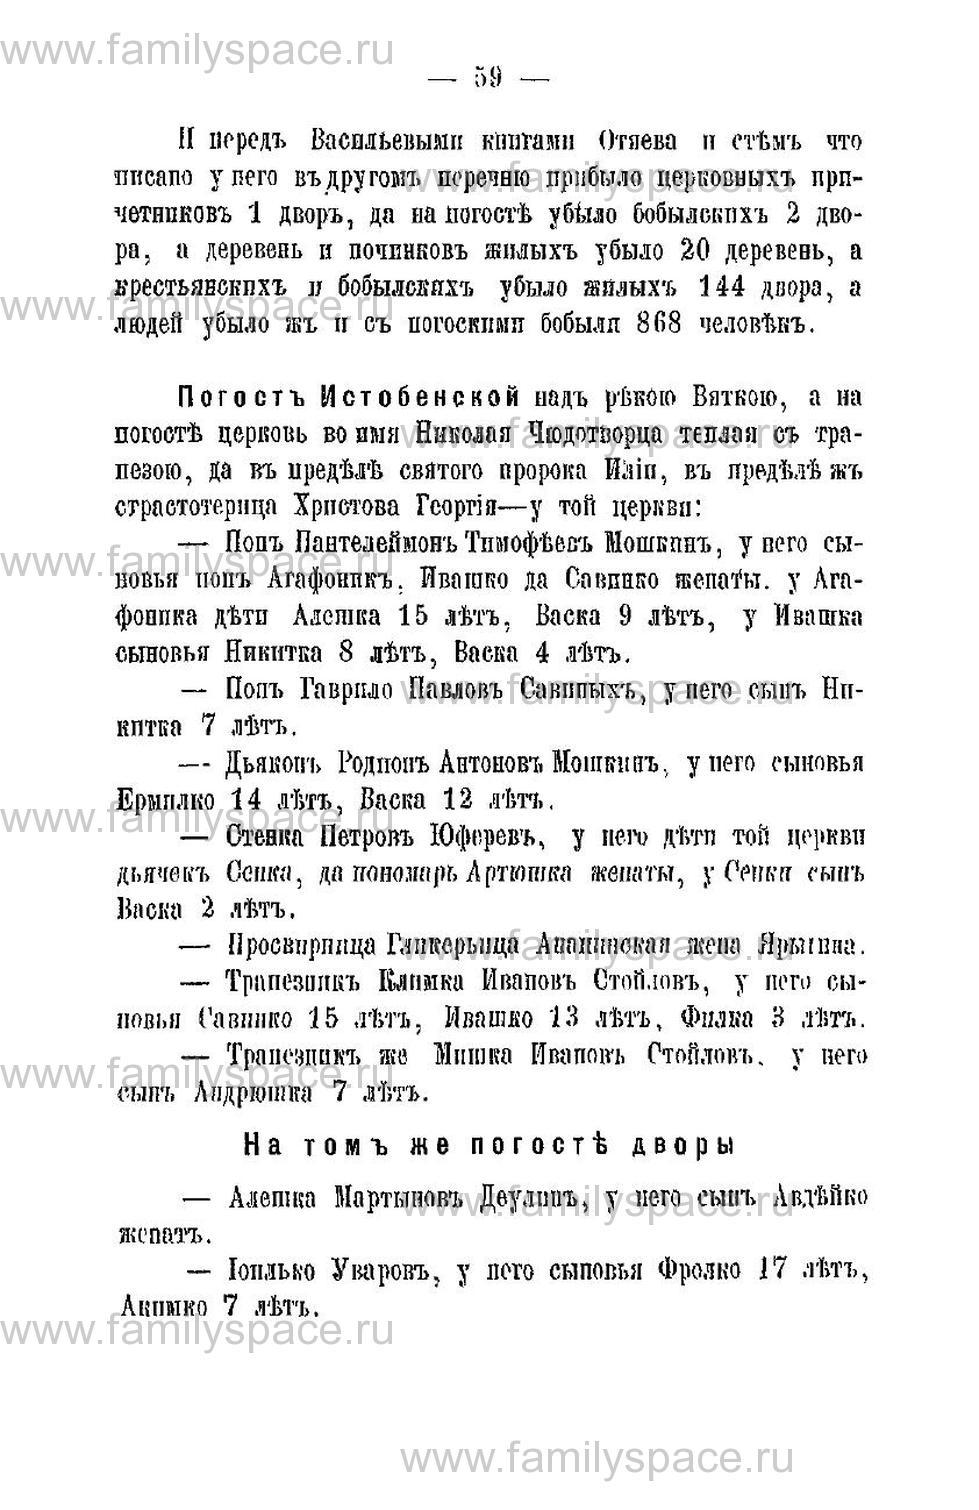 Поиск по фамилии - Переписная книга Орлова и волостей 1678 г, страница 55